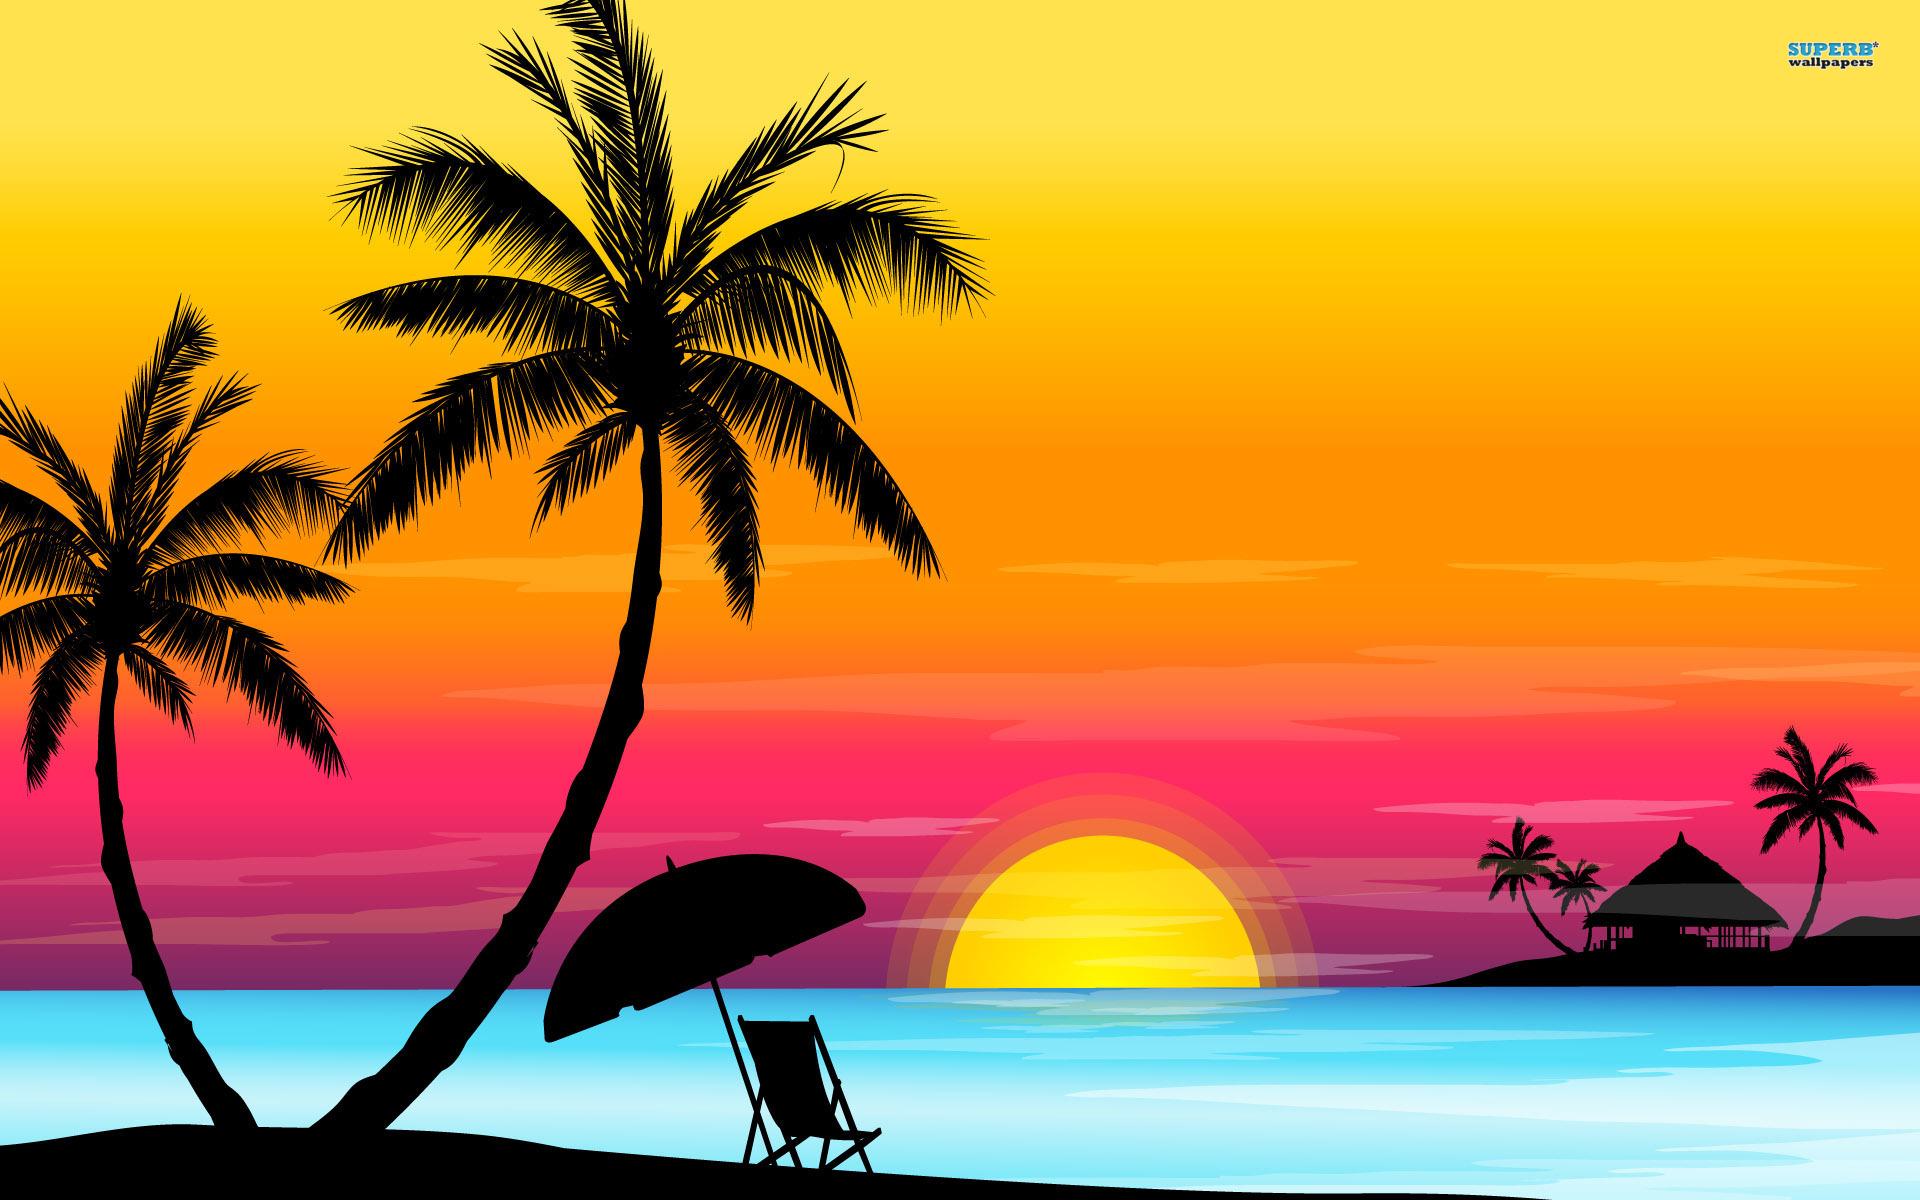 Tropical clipart ocean sunset #3